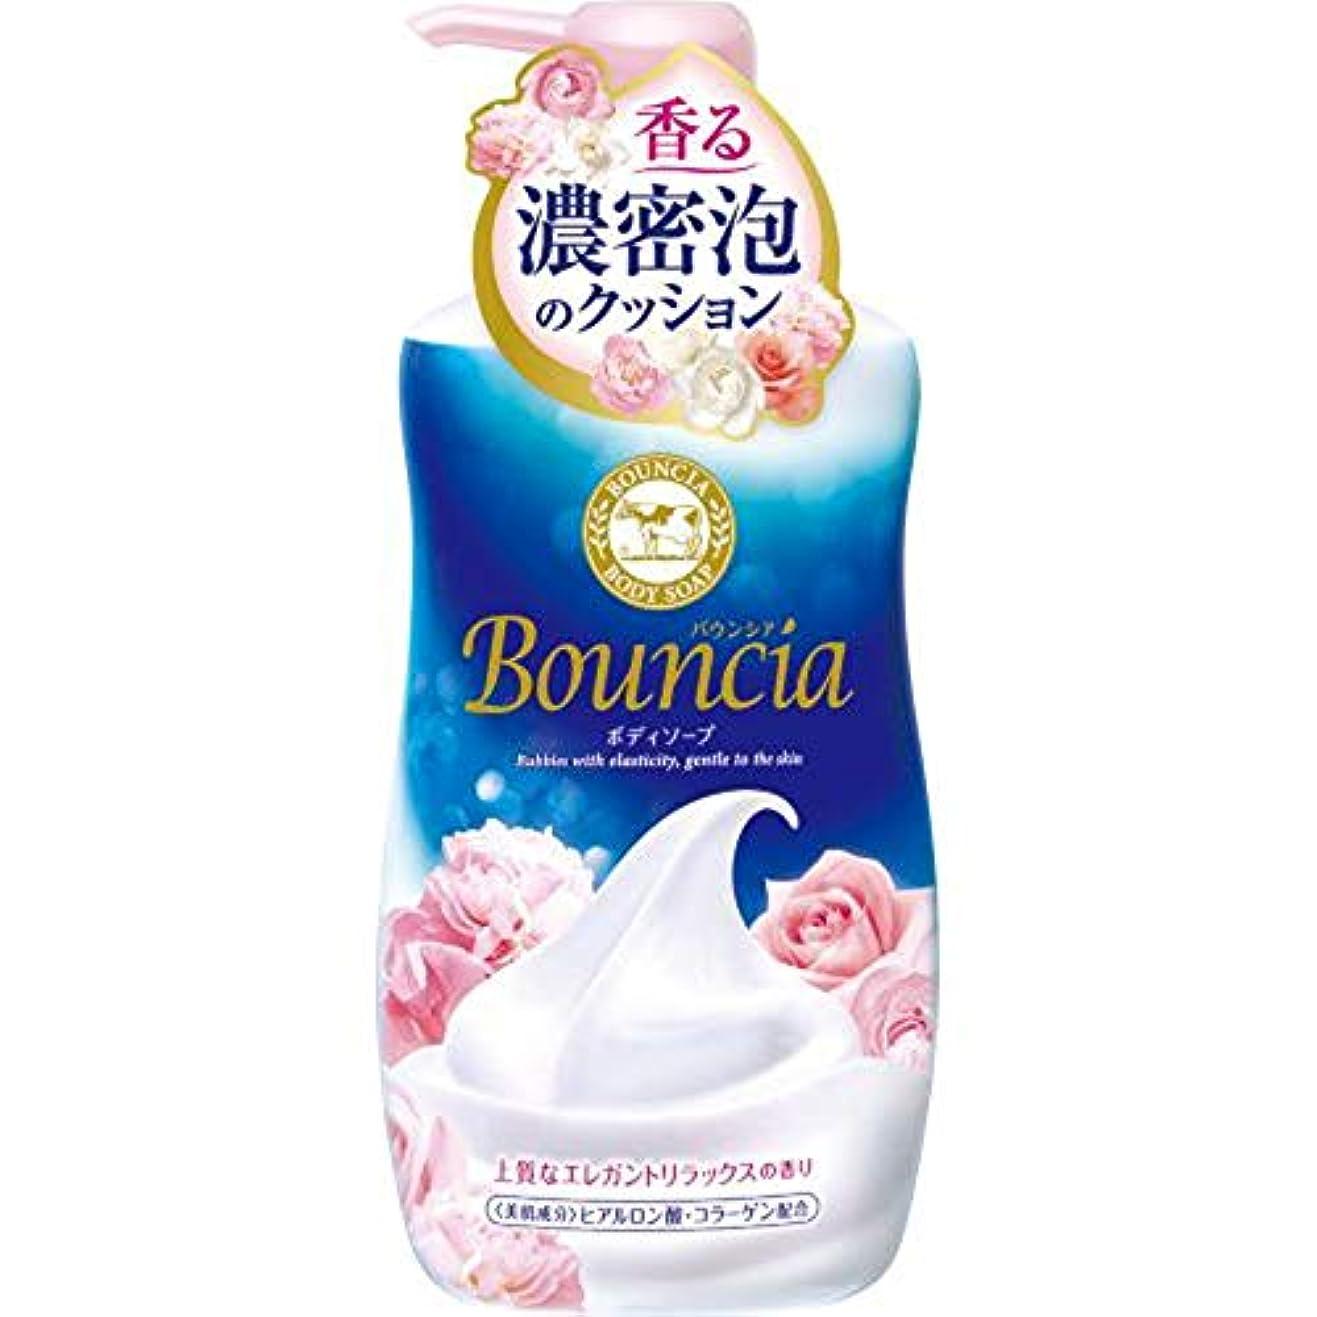 ホイスト騙す予言するバウンシア ボディソープ エレガントリラックスの香り ポンプ 550mL